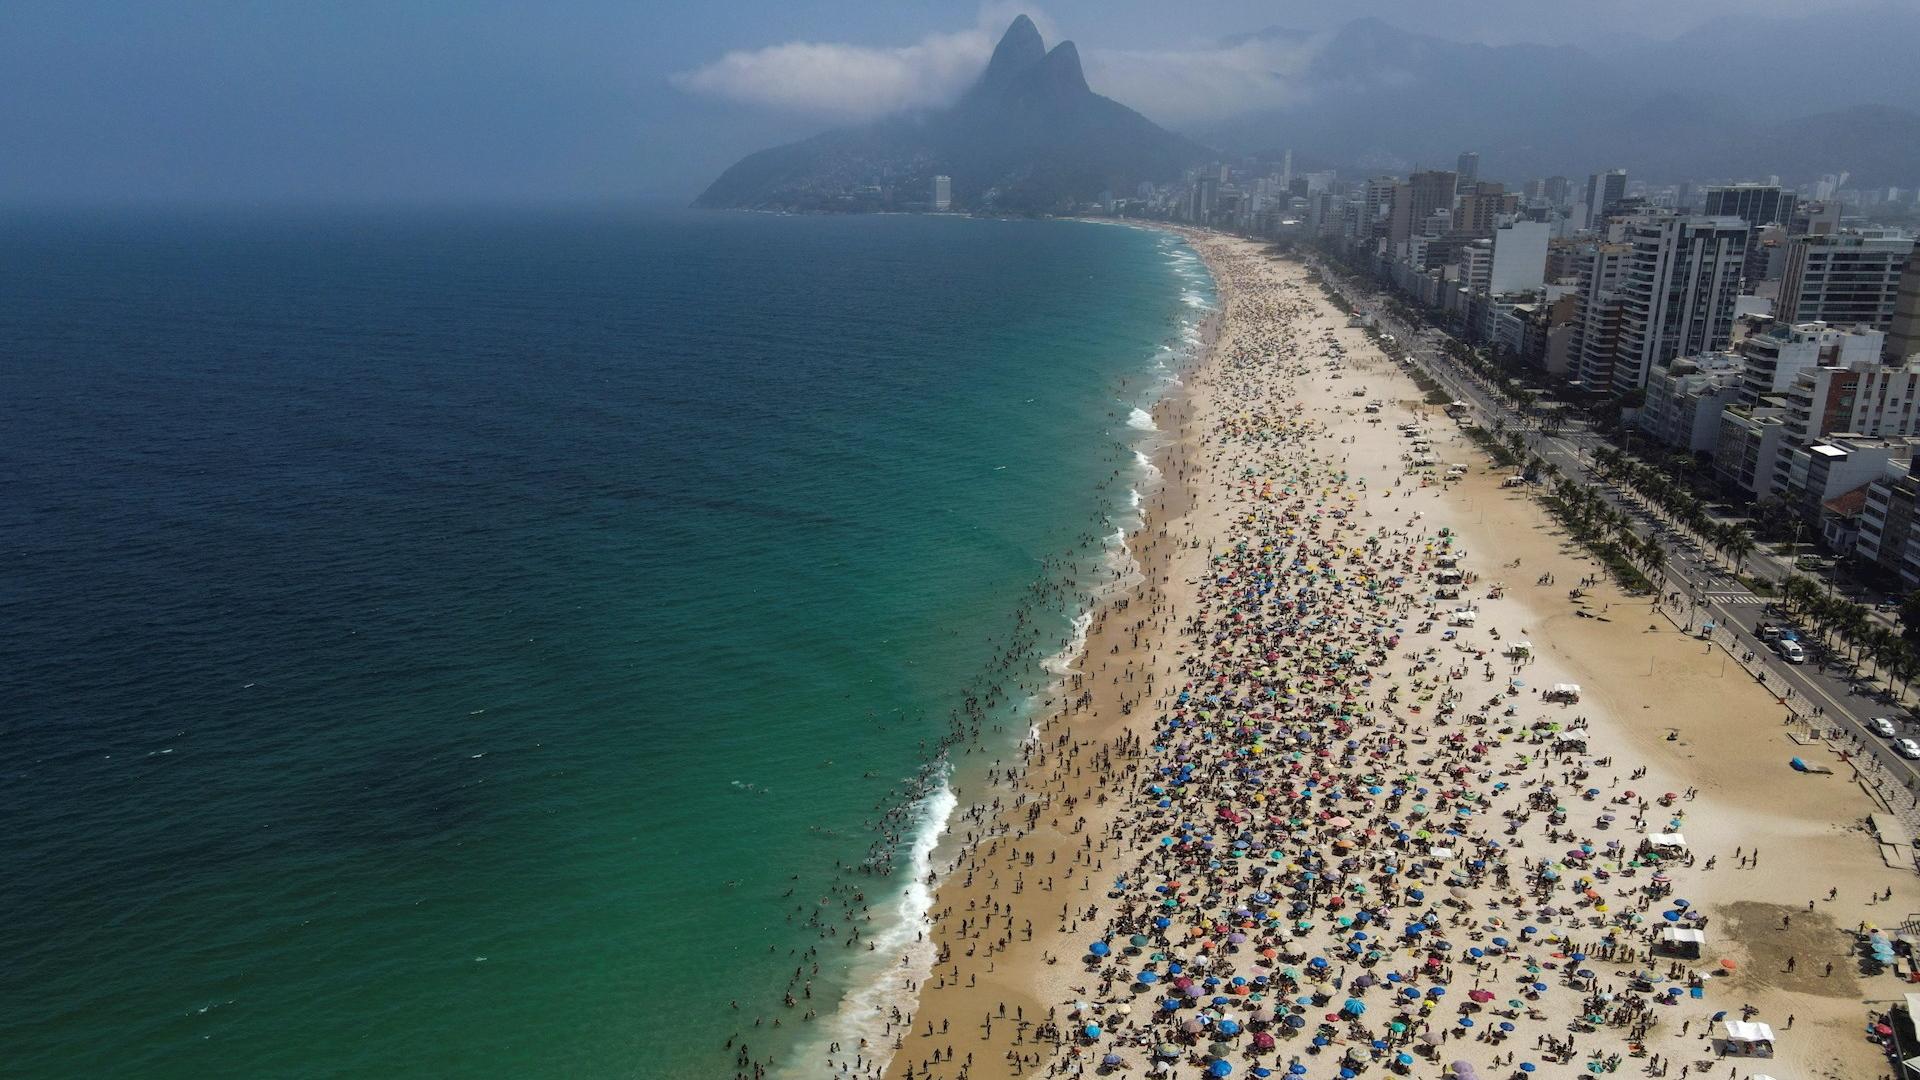 Brasil playas Rio de Janeiro COVID-19 2